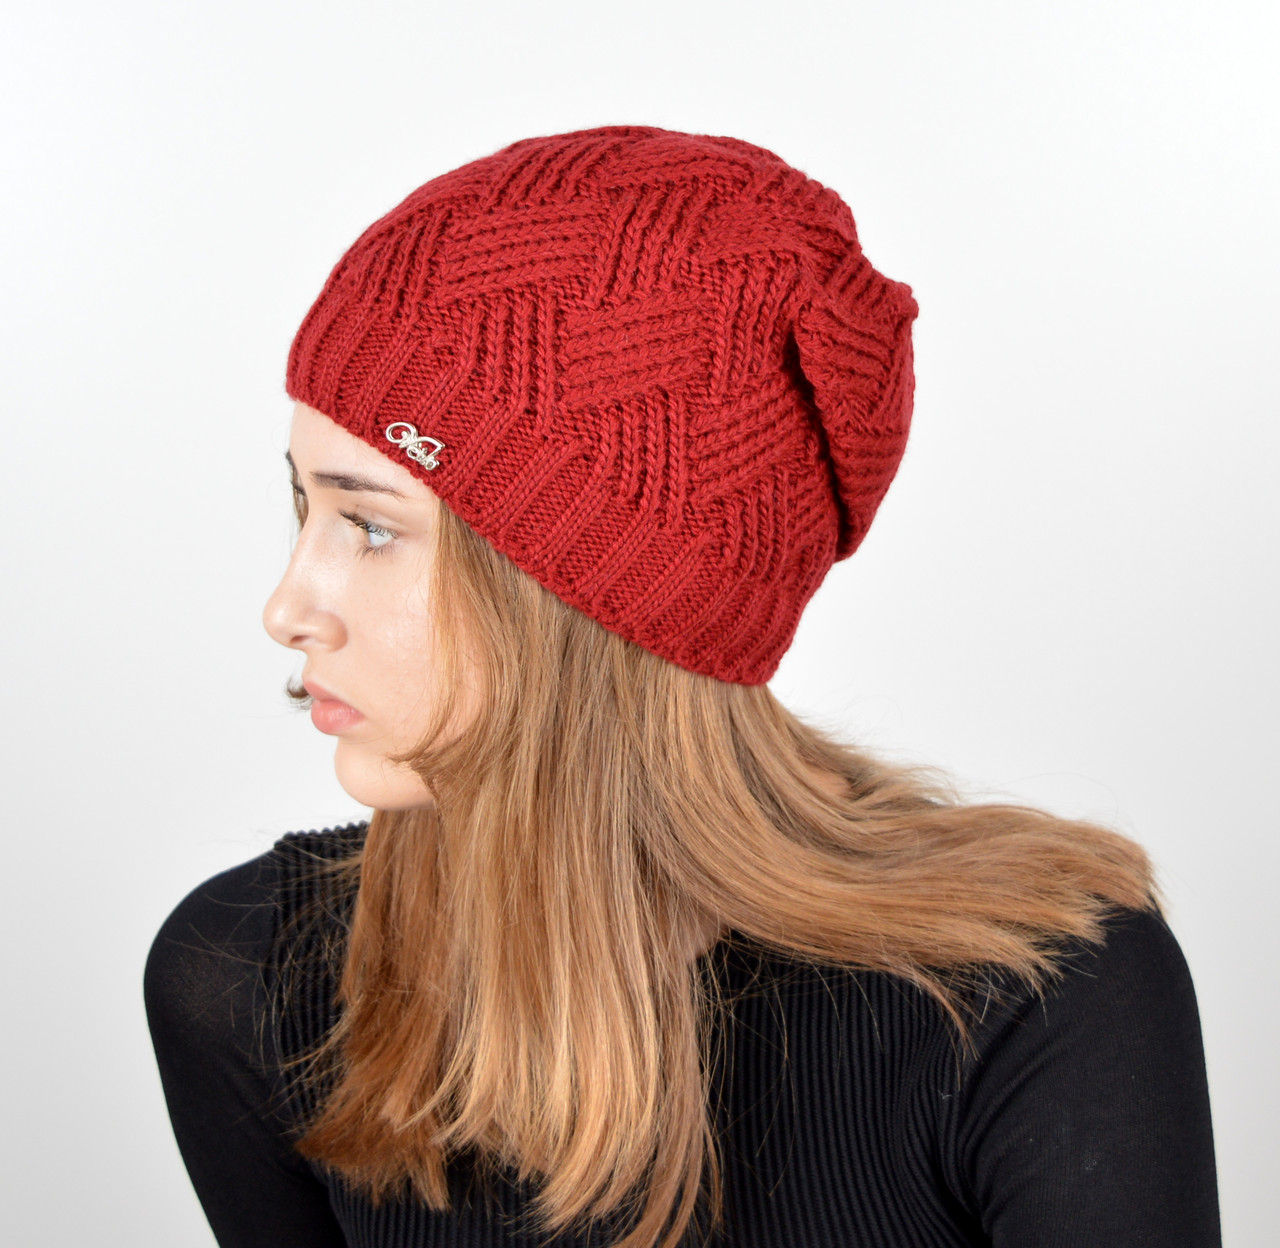 Женская шапка veilo на флисе 5522 бордо